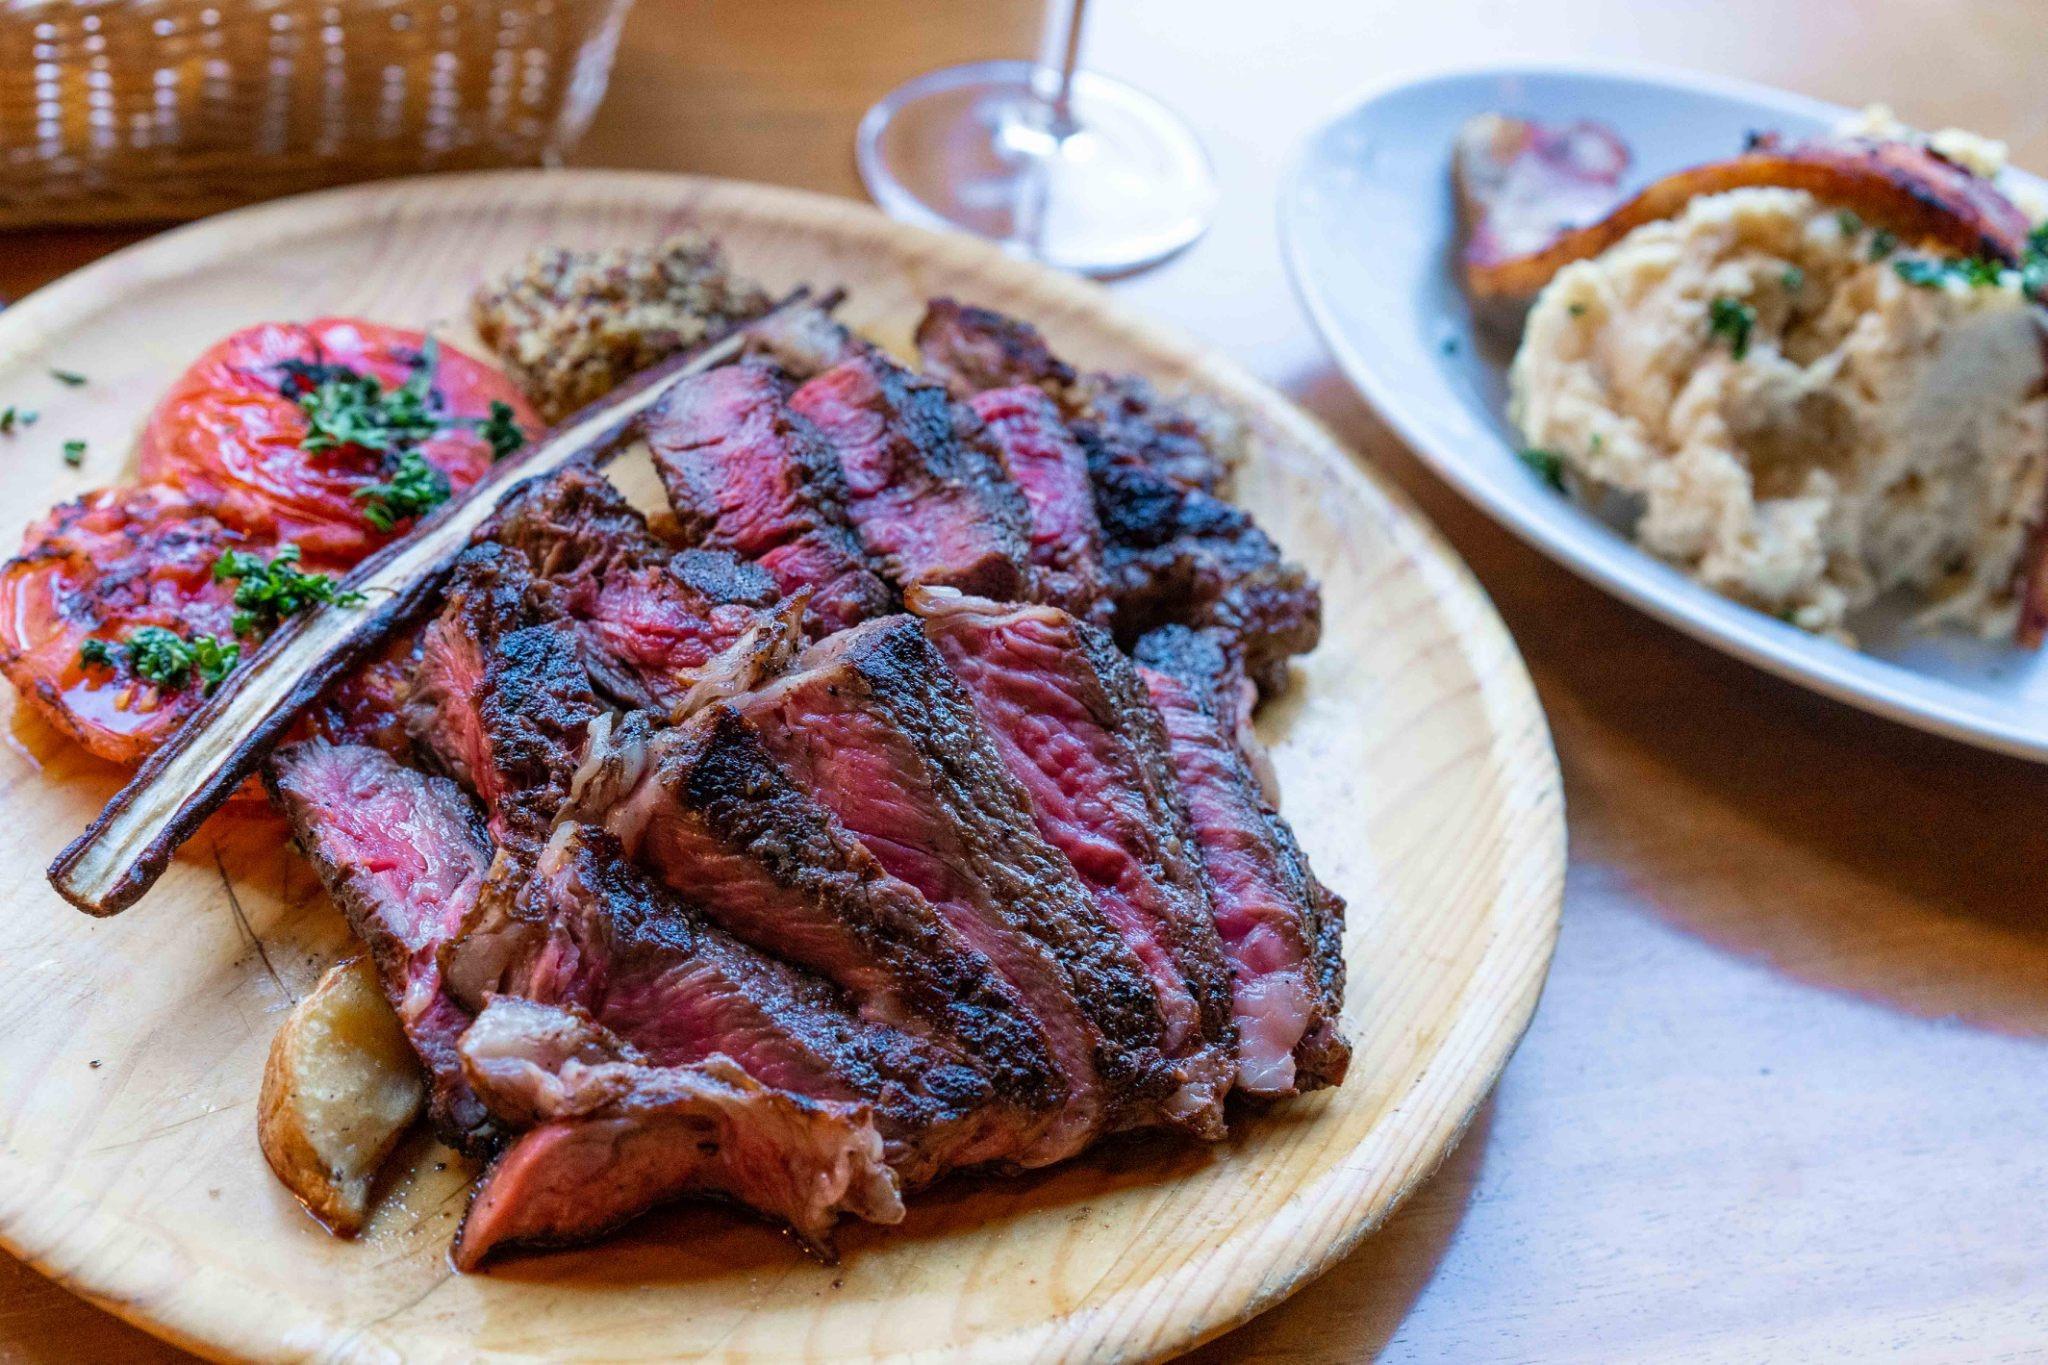 伏見|炭火で焼き上げるお肉と世界のワインを味わう!三拍子揃った欧風スタイルの肉バル